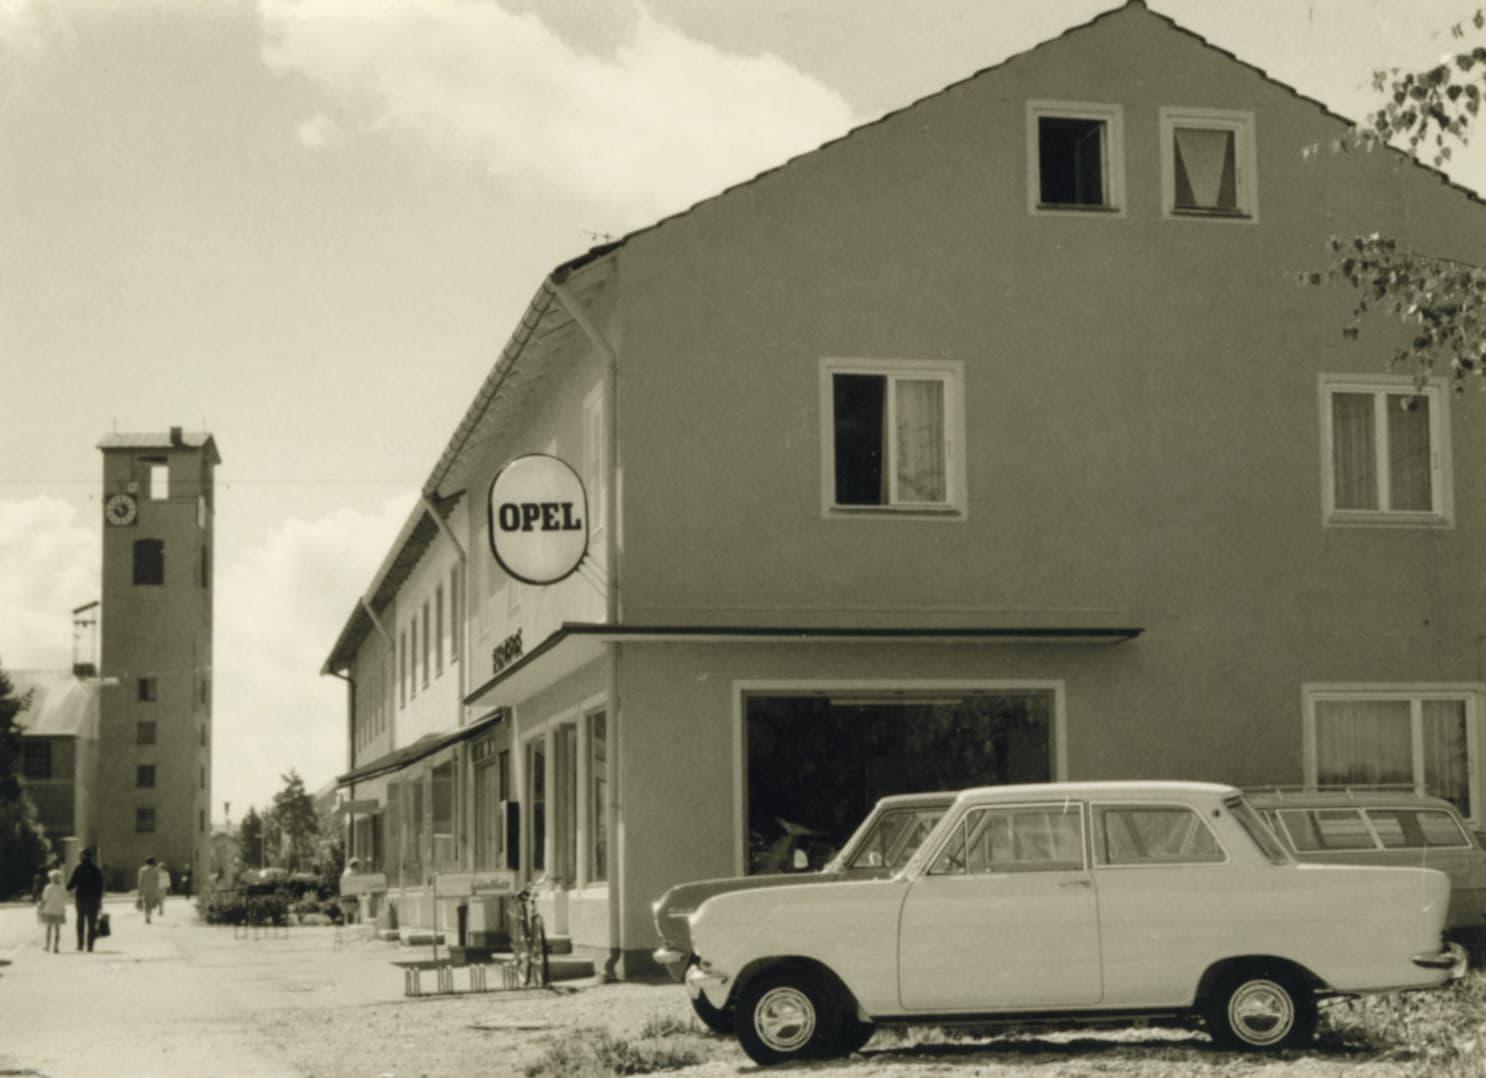 historischer Opel Stützpunkt